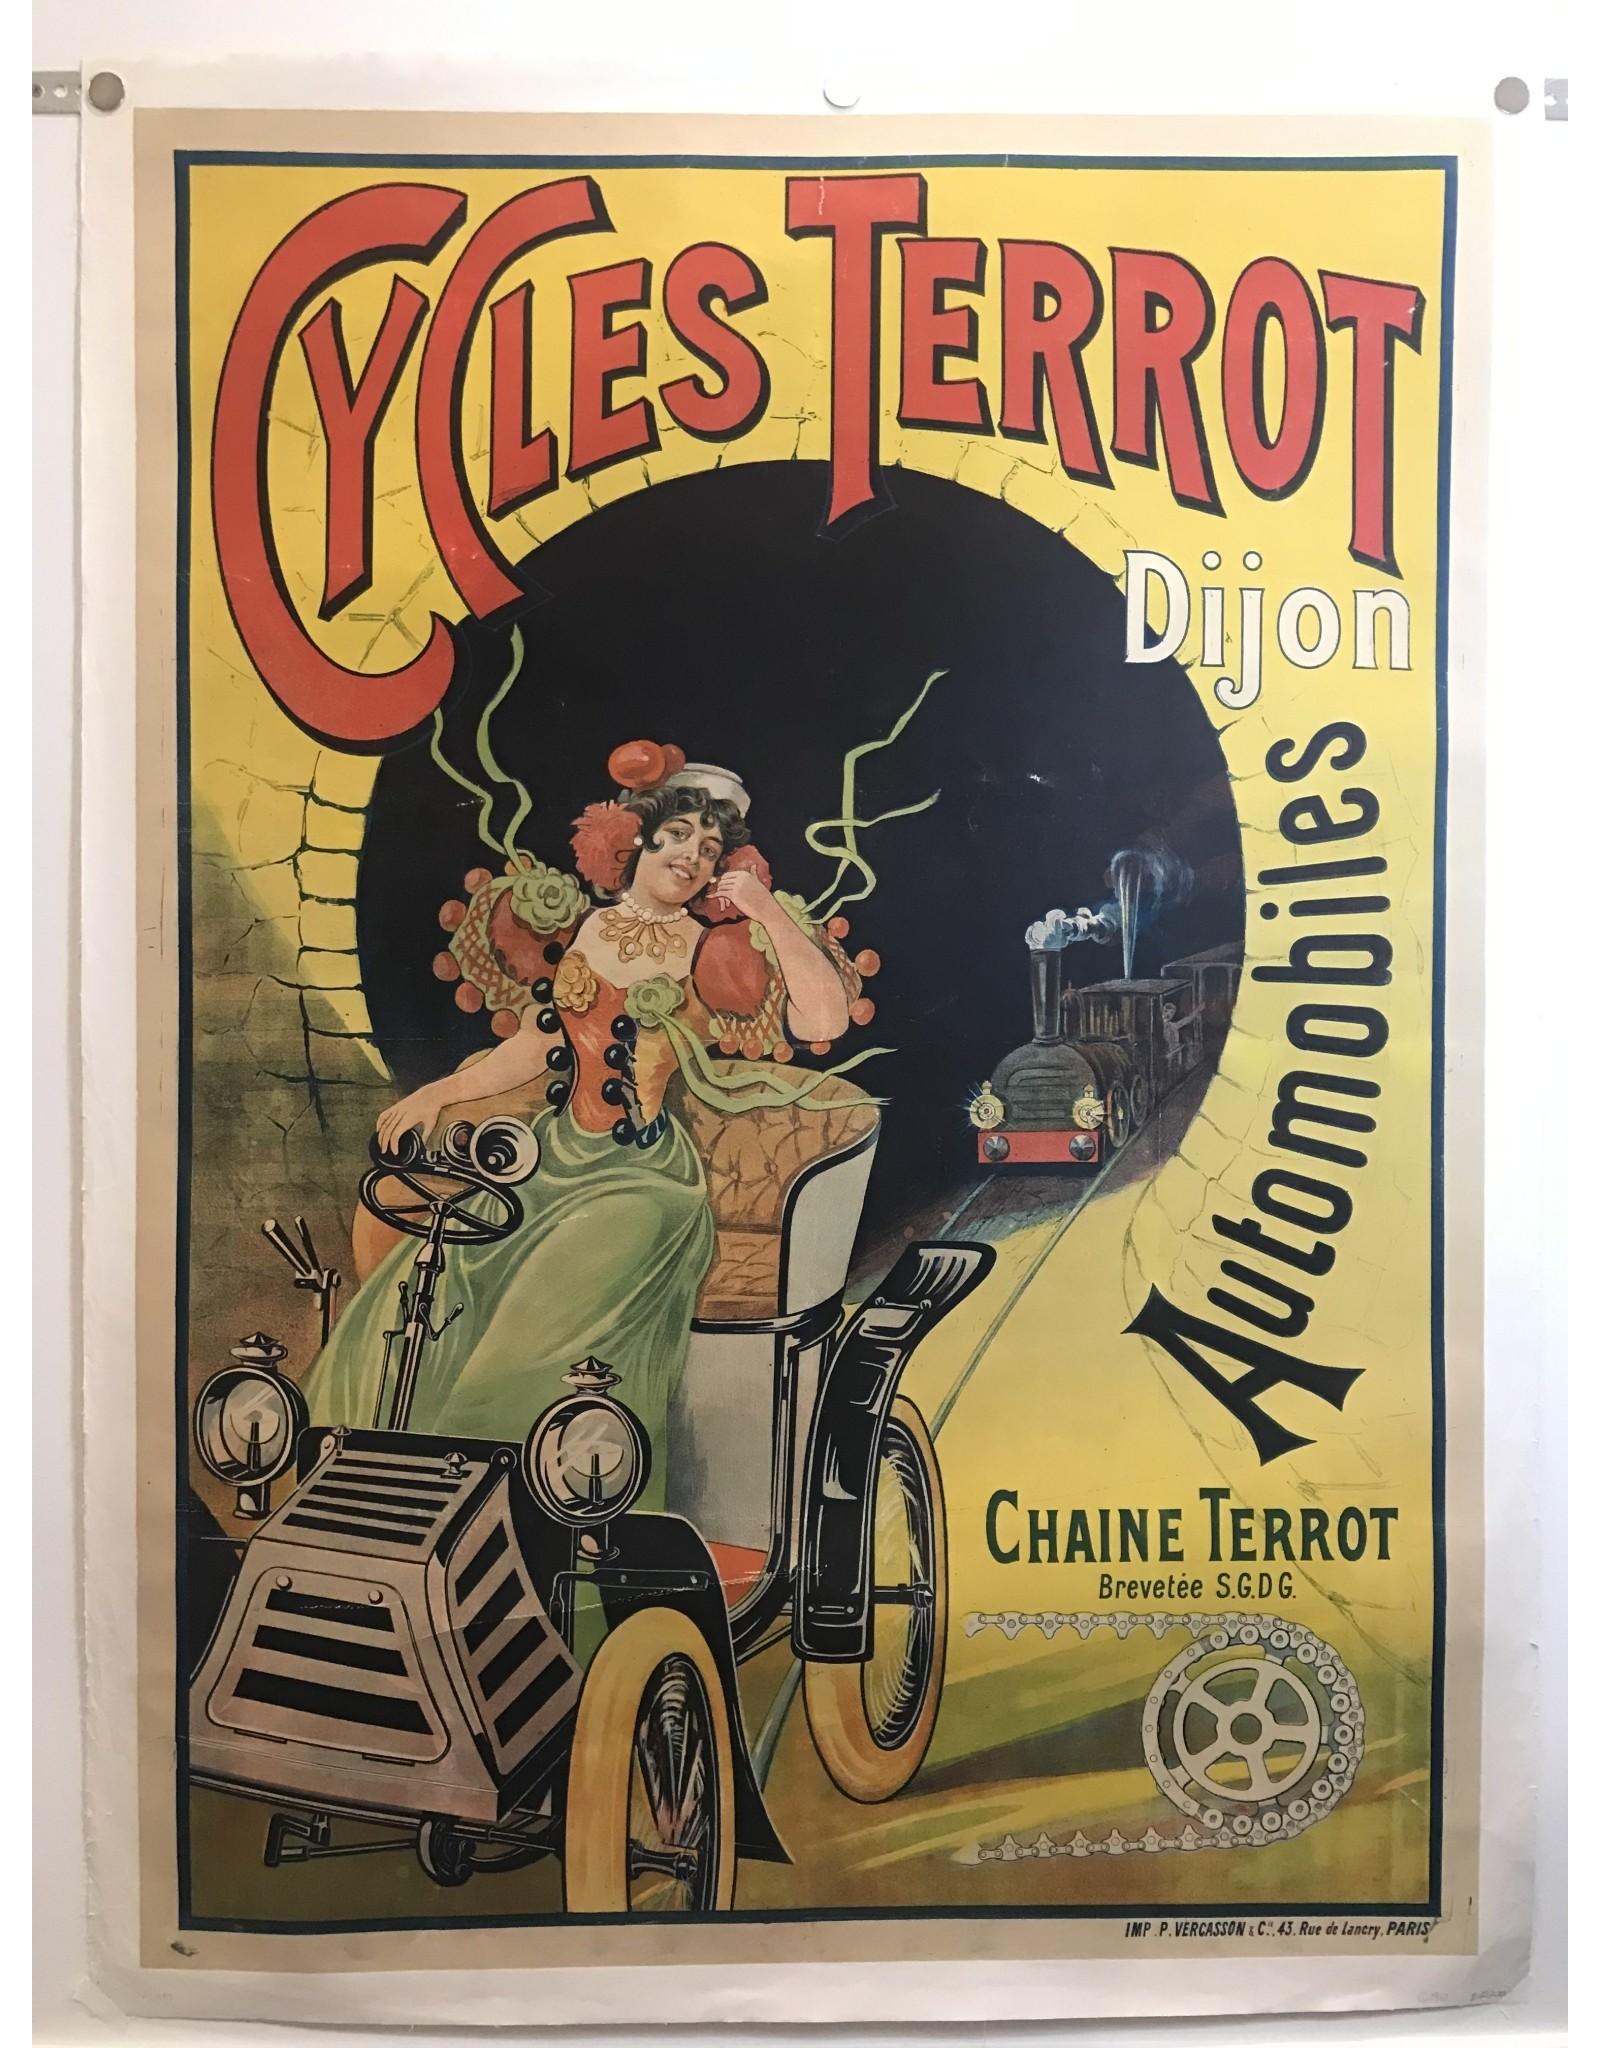 SPV Cycles Terrot